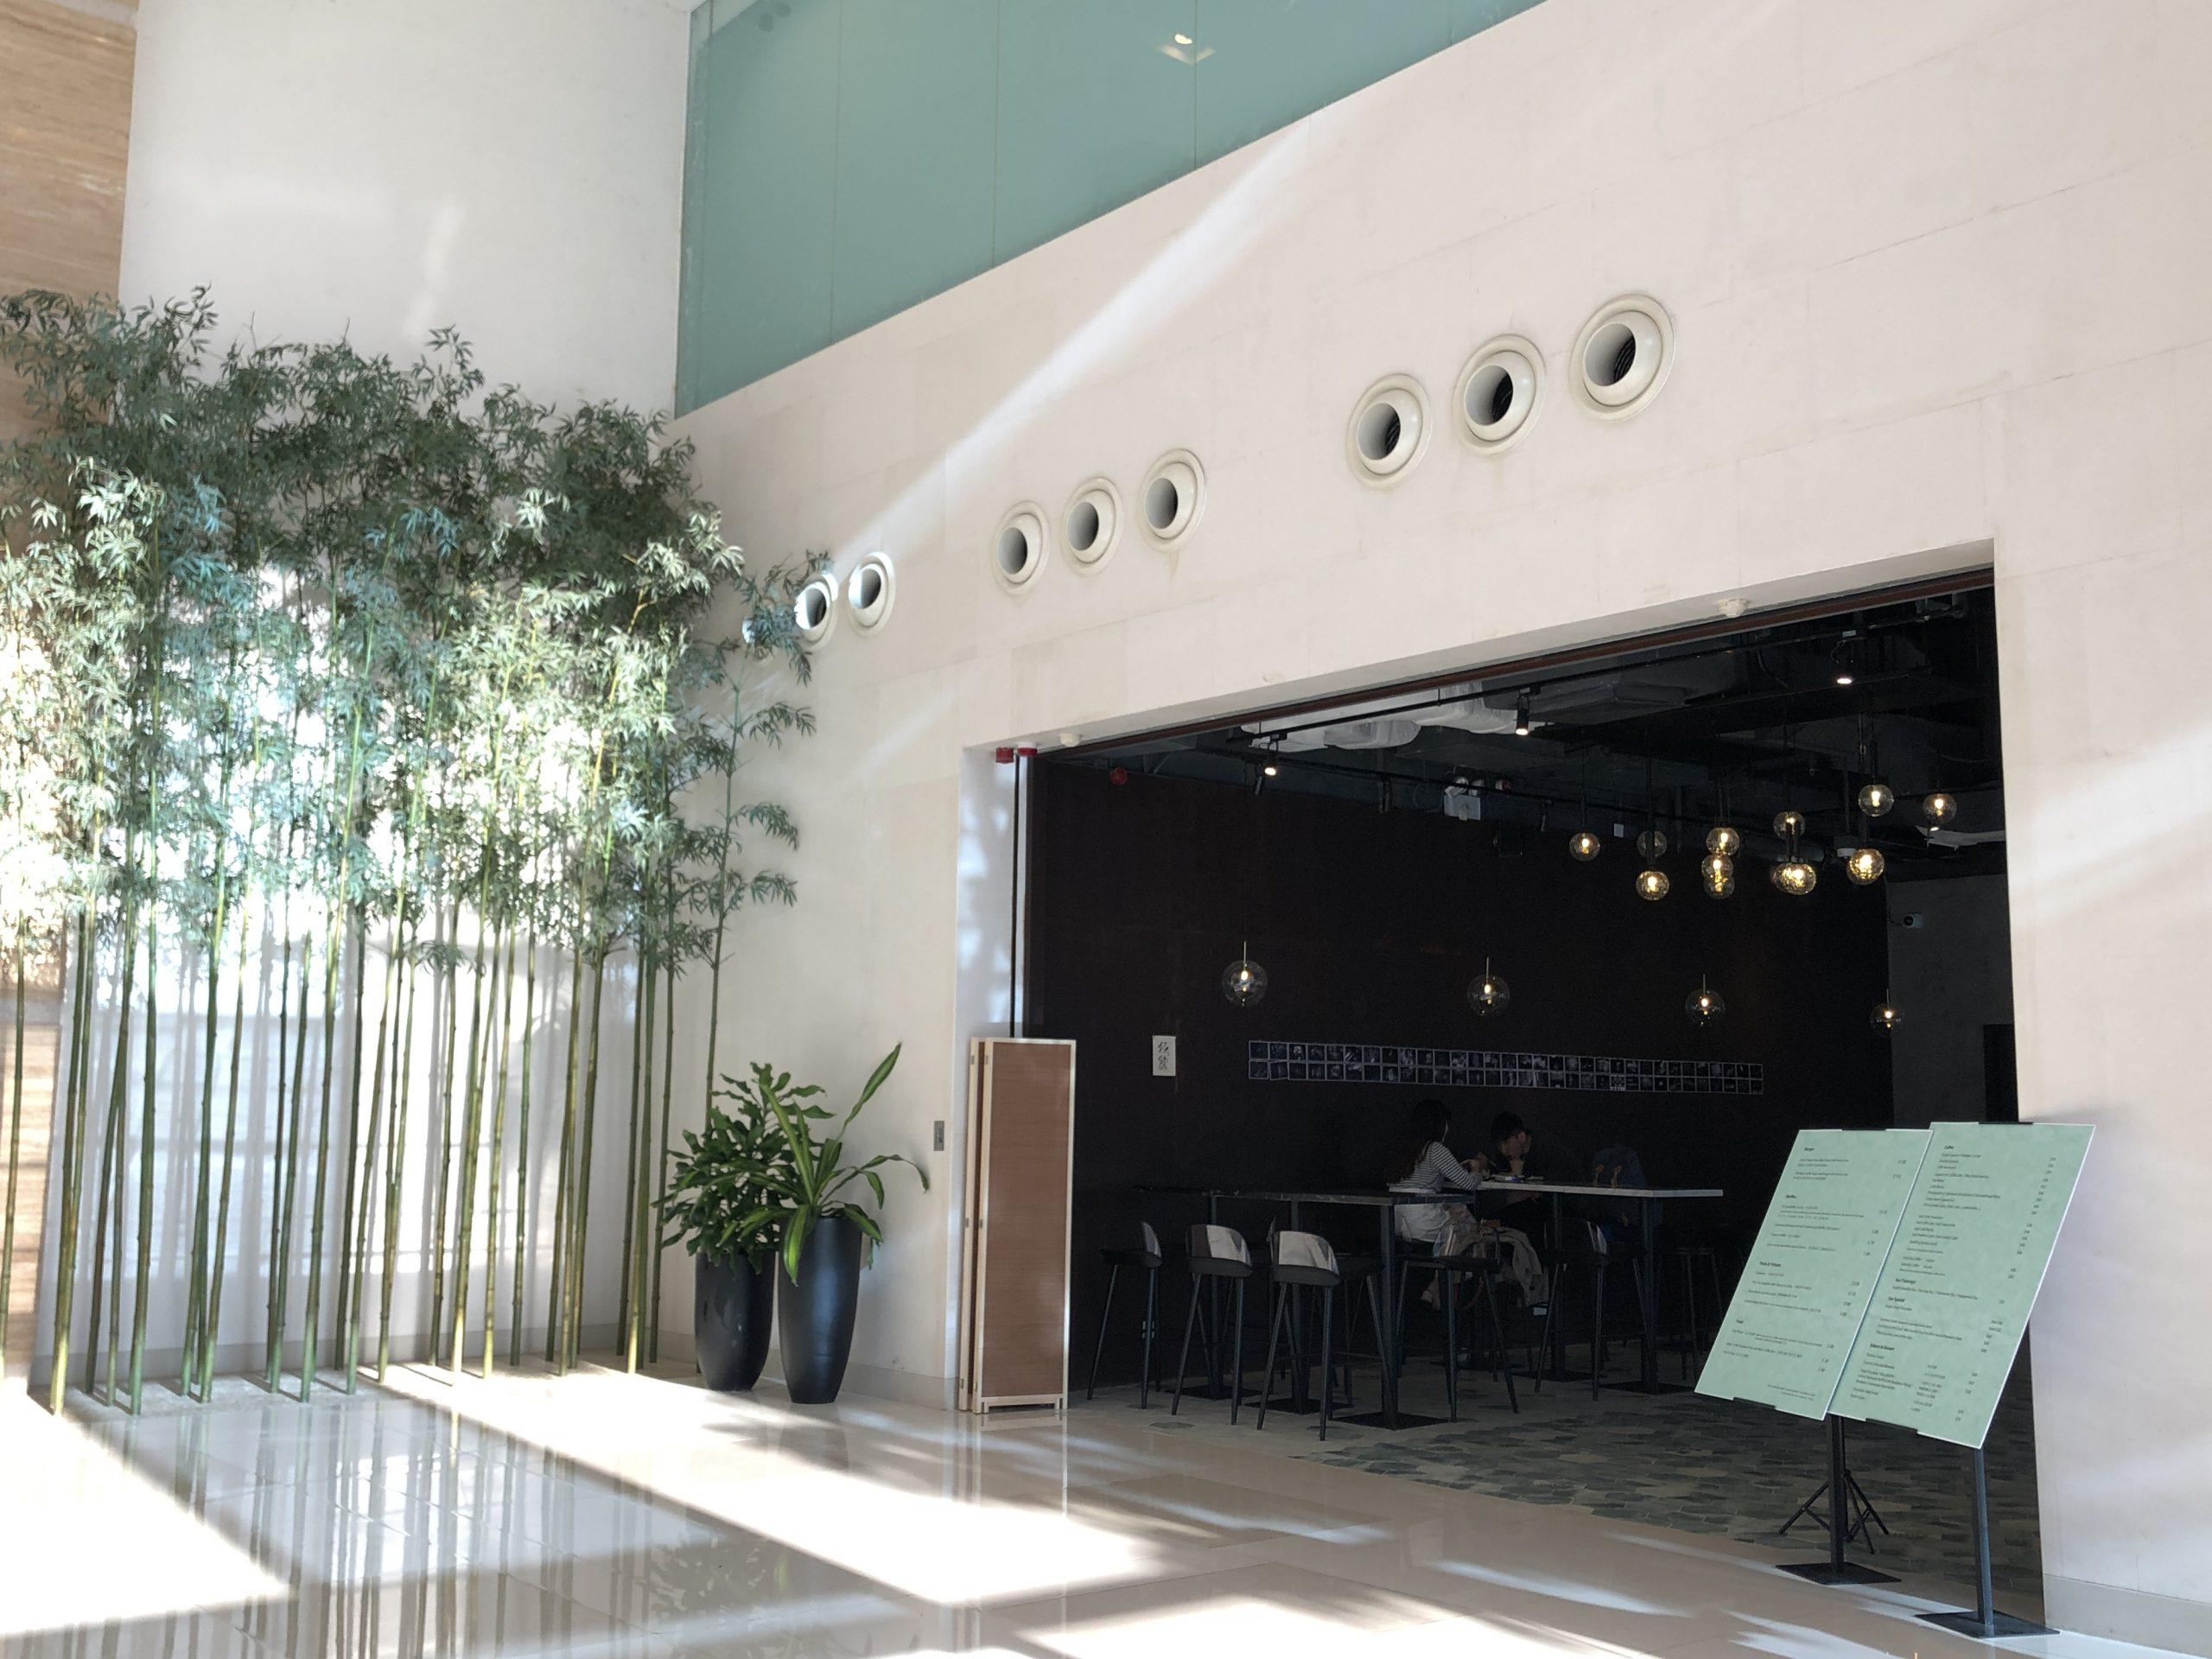 觀塘 Master Room Cafe One Little Room 咖啡店 宏利金融中心